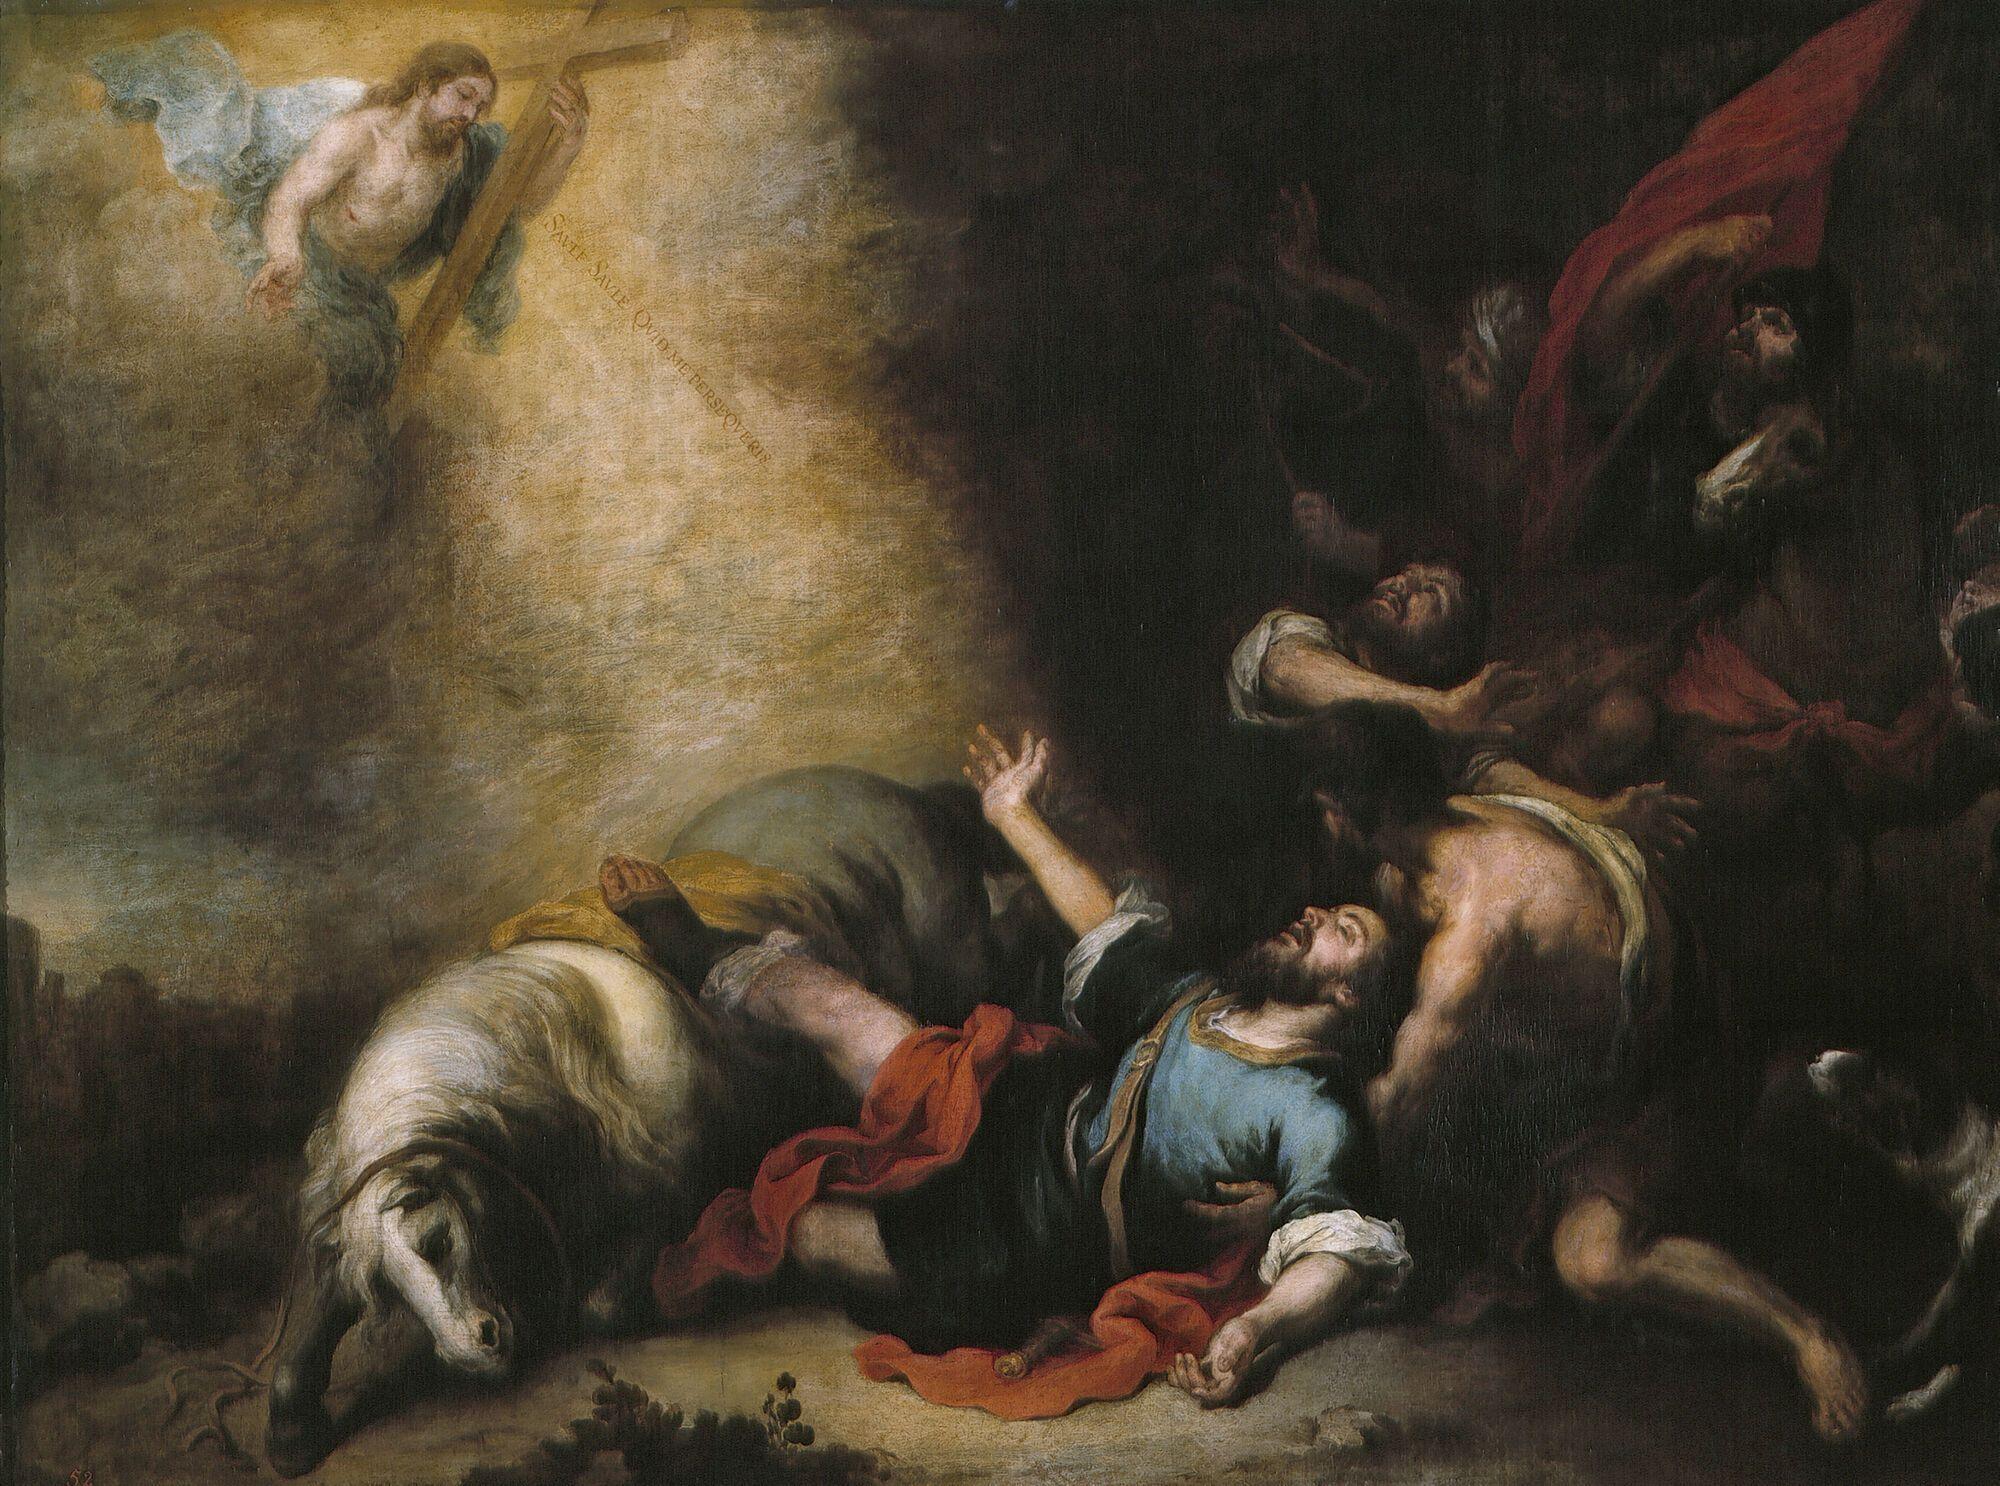 Бартоломео Мурильо, Обращение святого Павла